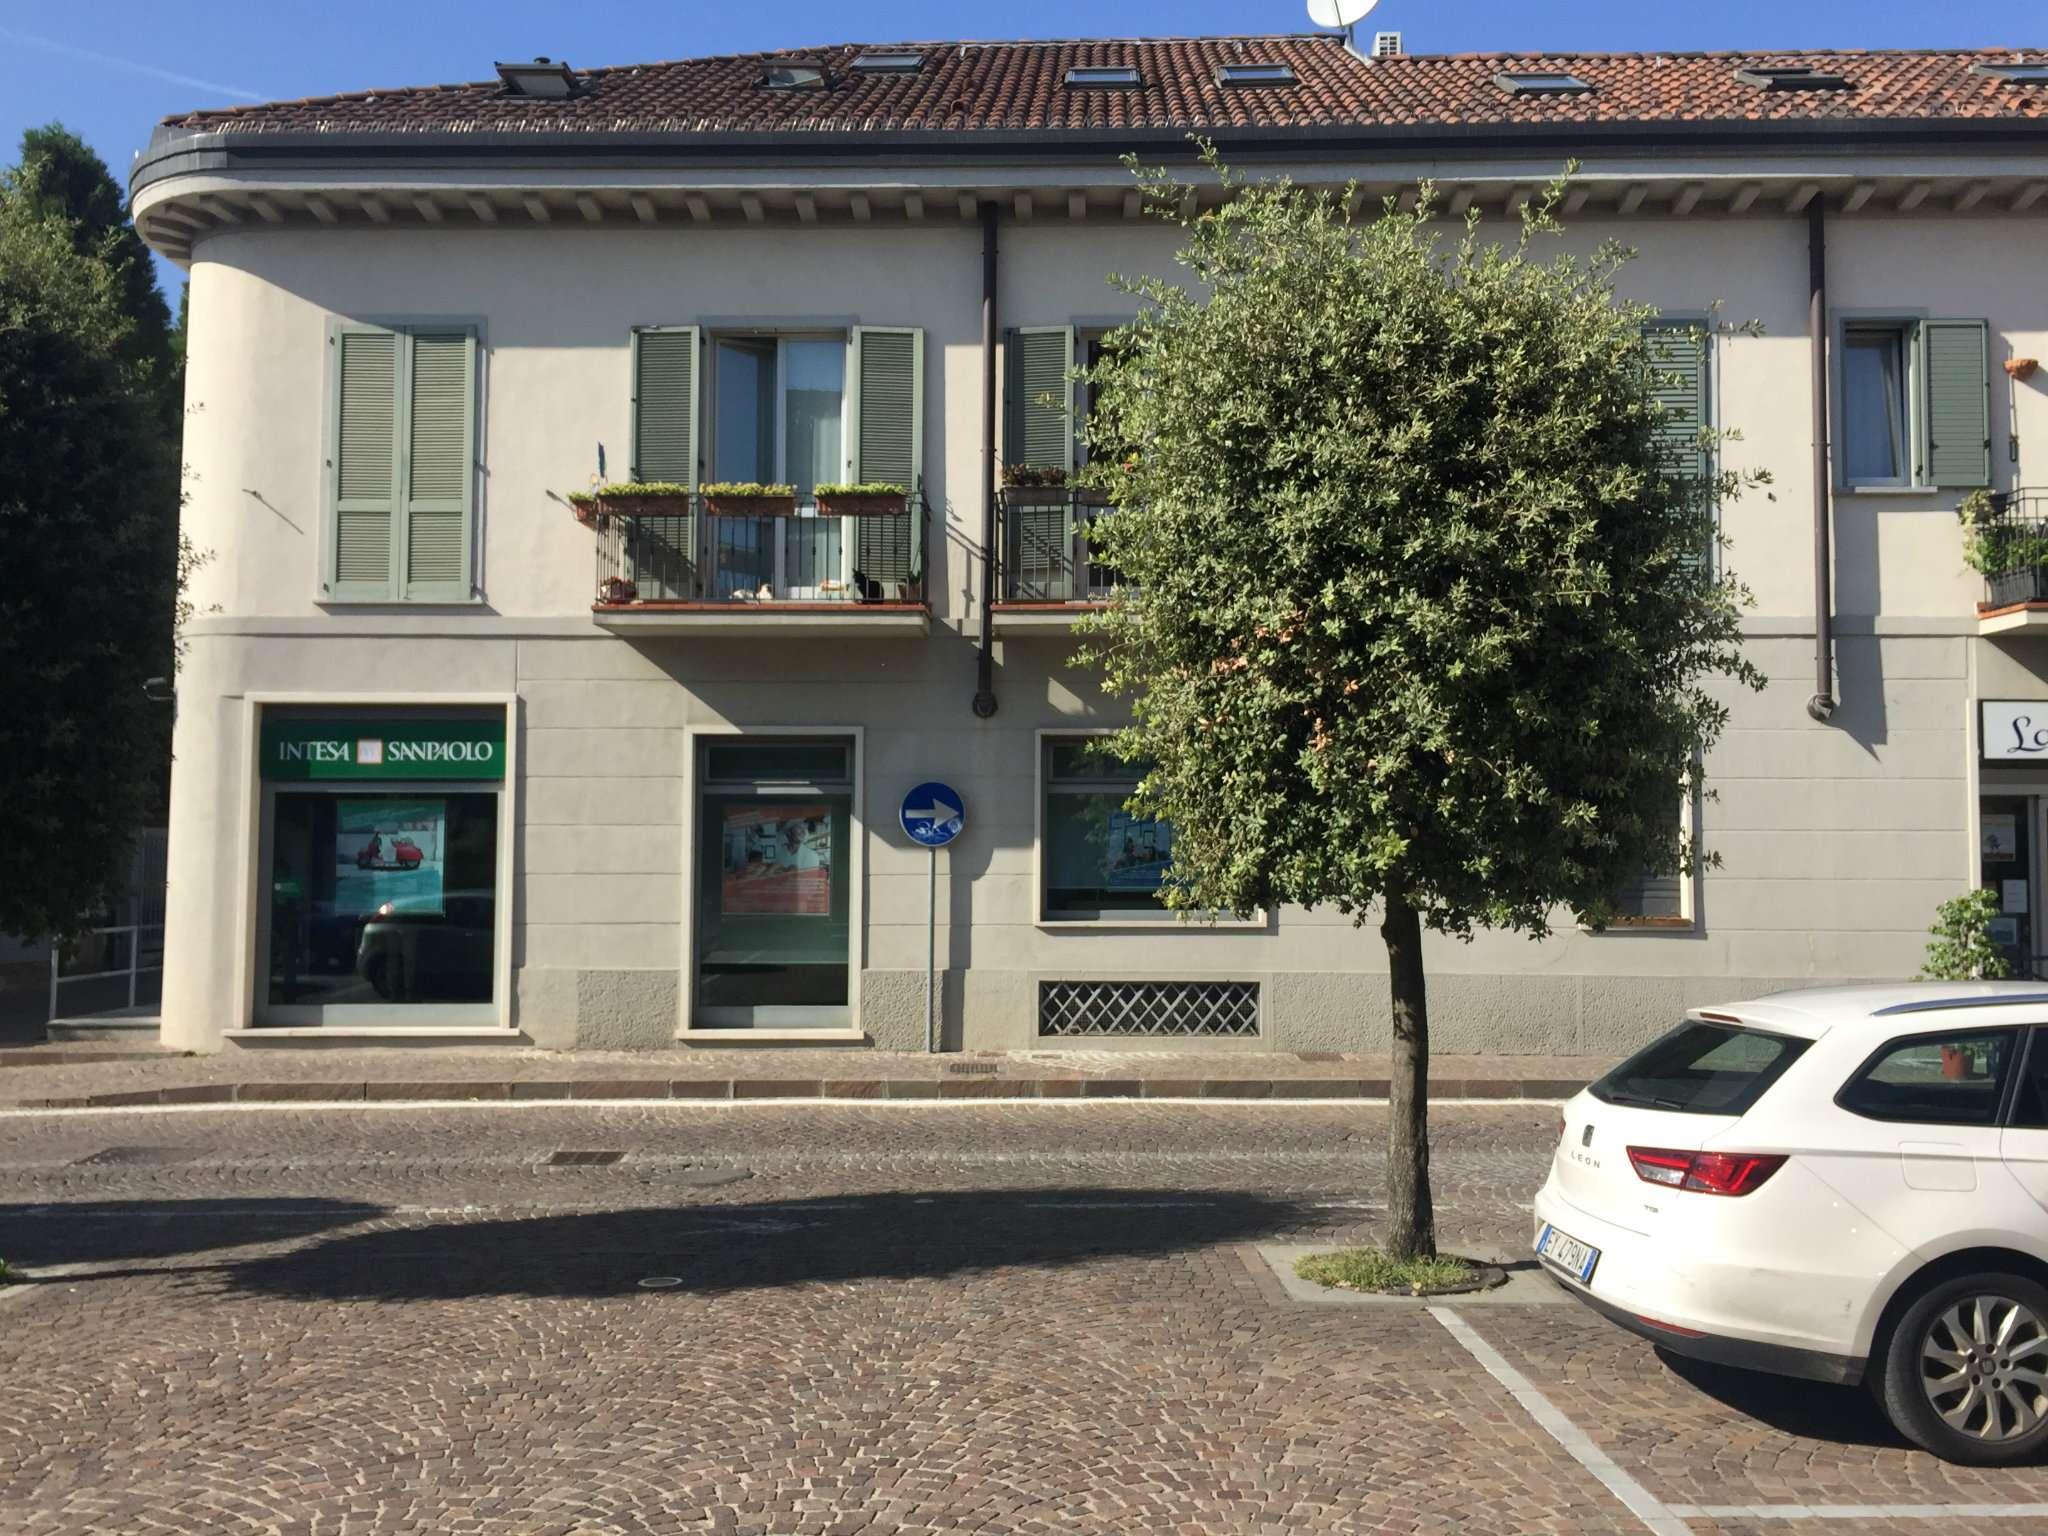 Immobili commerciali in affitto a verano brianza for Immobili commerciali affitto roma